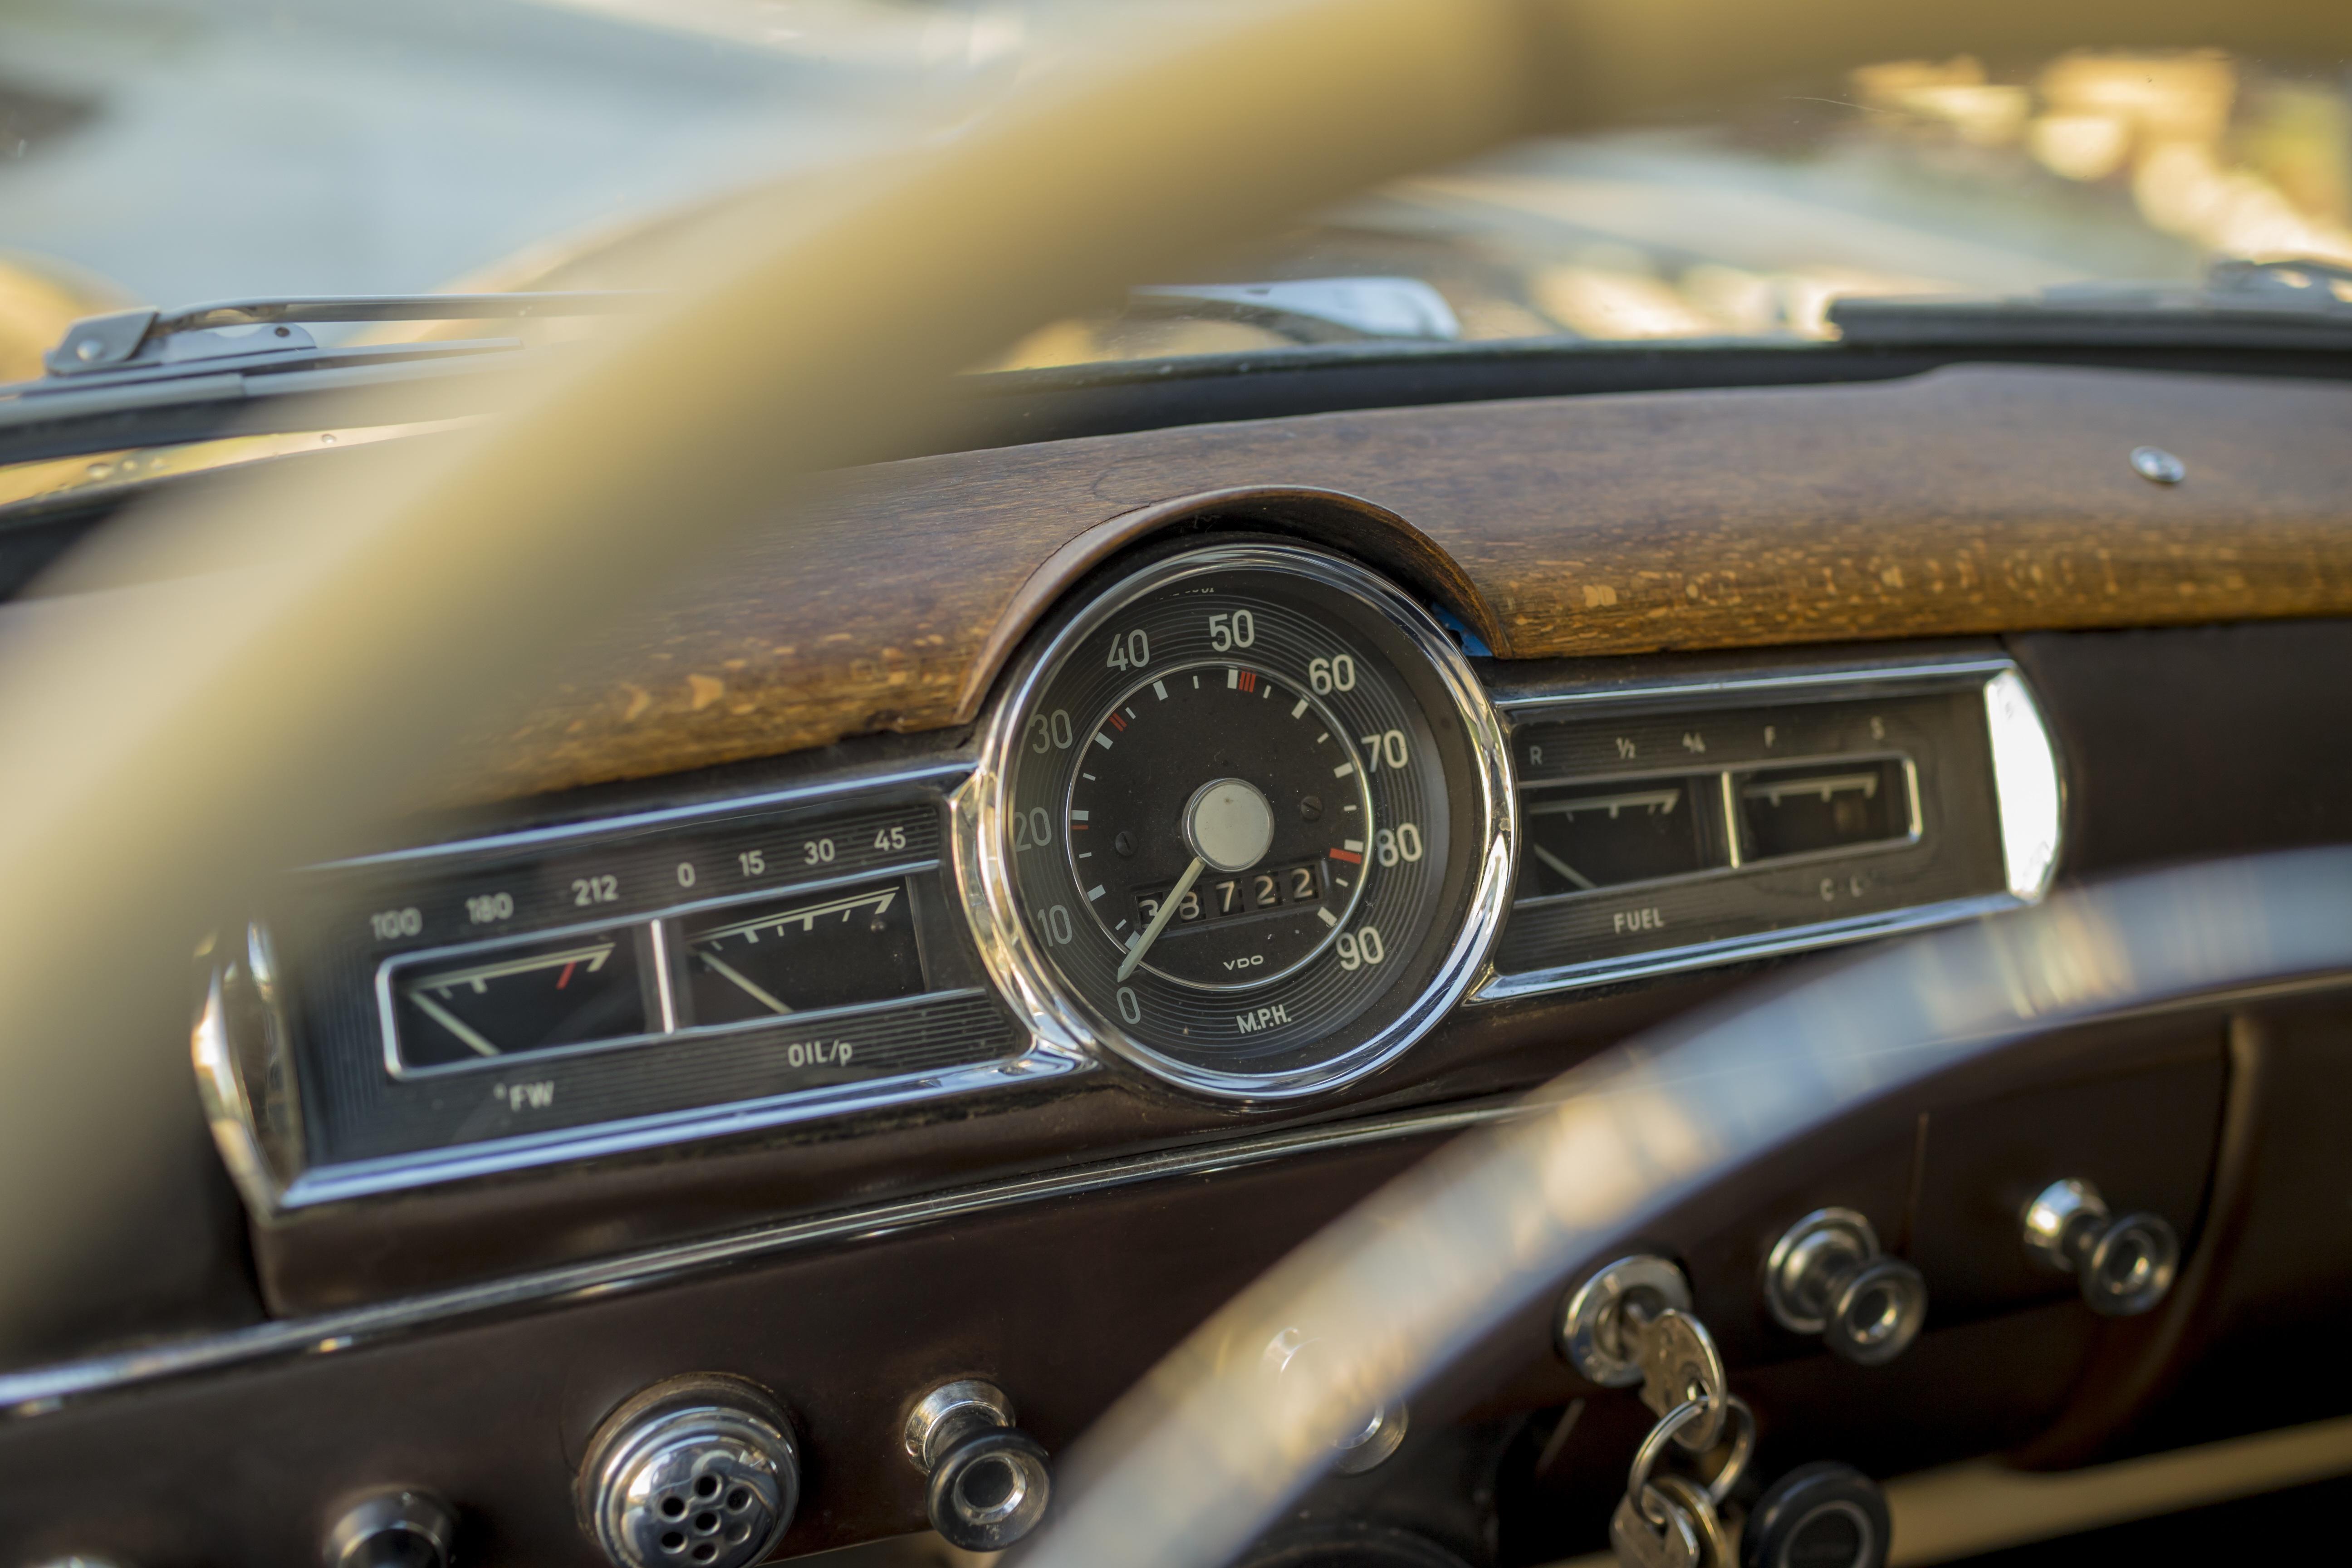 Roadster, vintage car instrument cluster